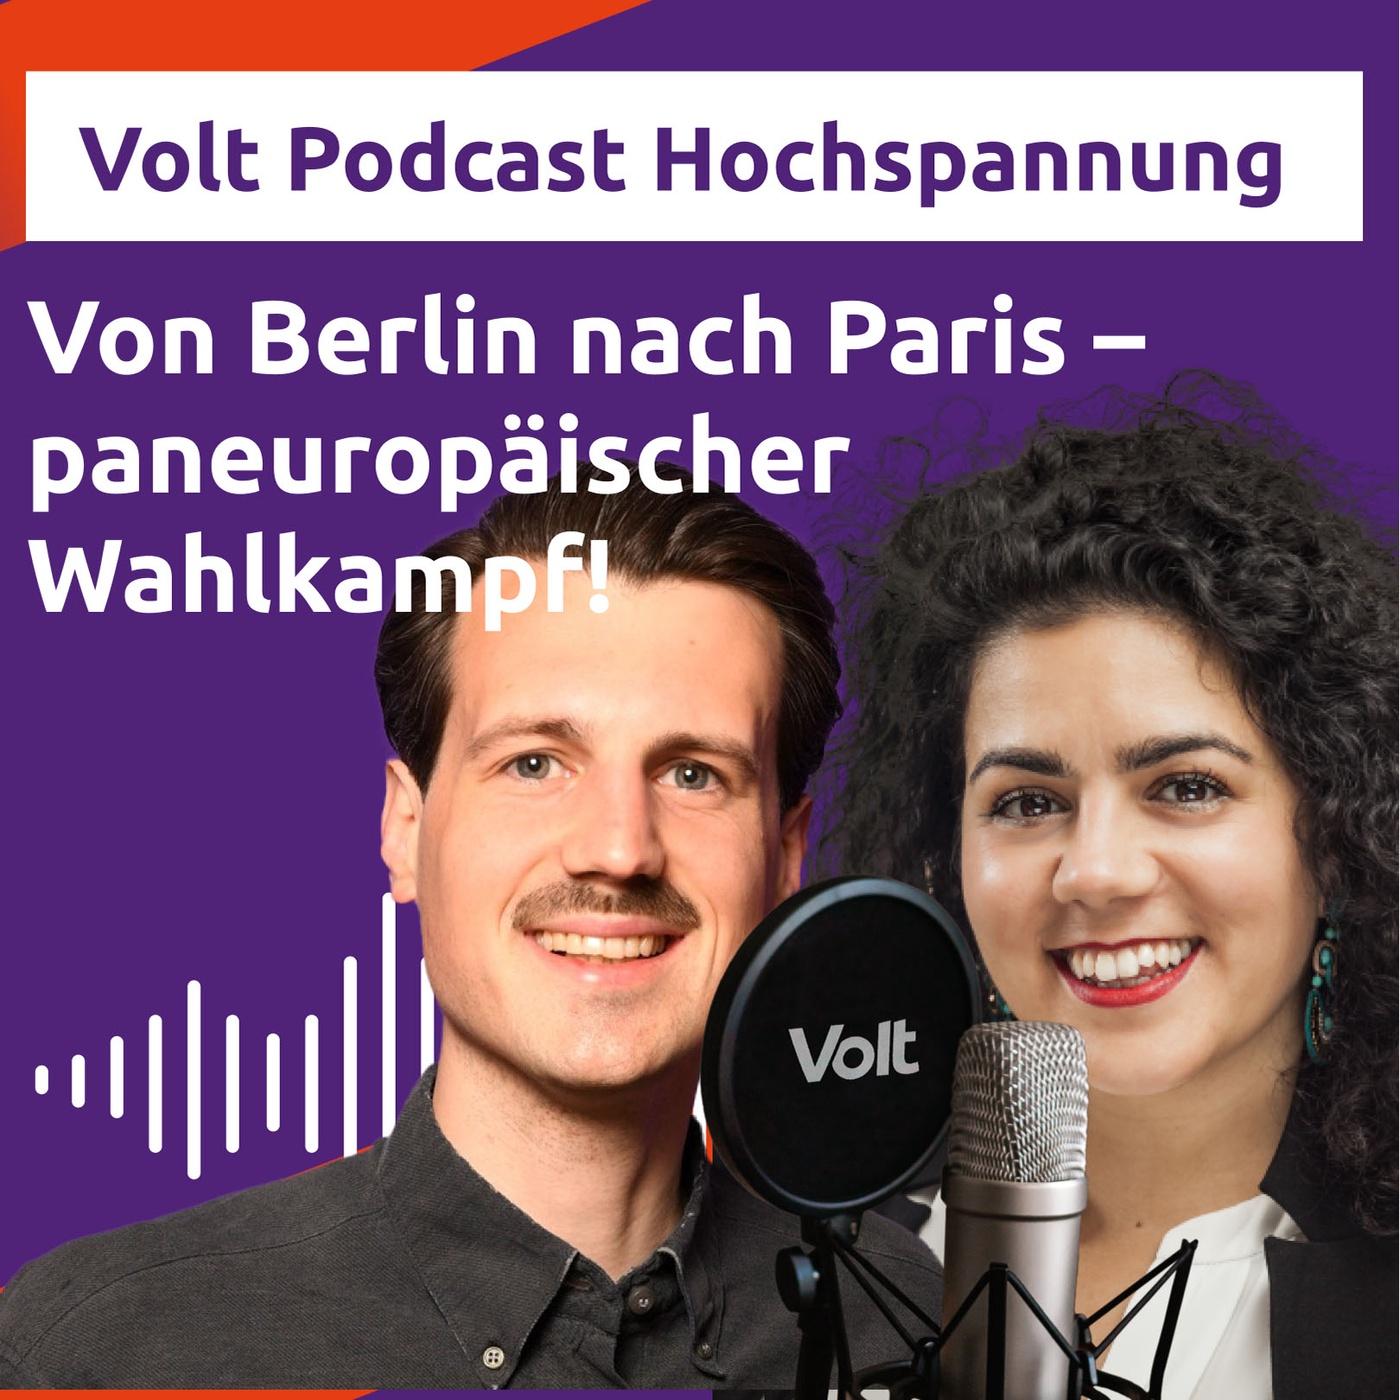 Von Berlin nach Paris - paneuropäischer Wahlkampf! - Hochspannung Podcast